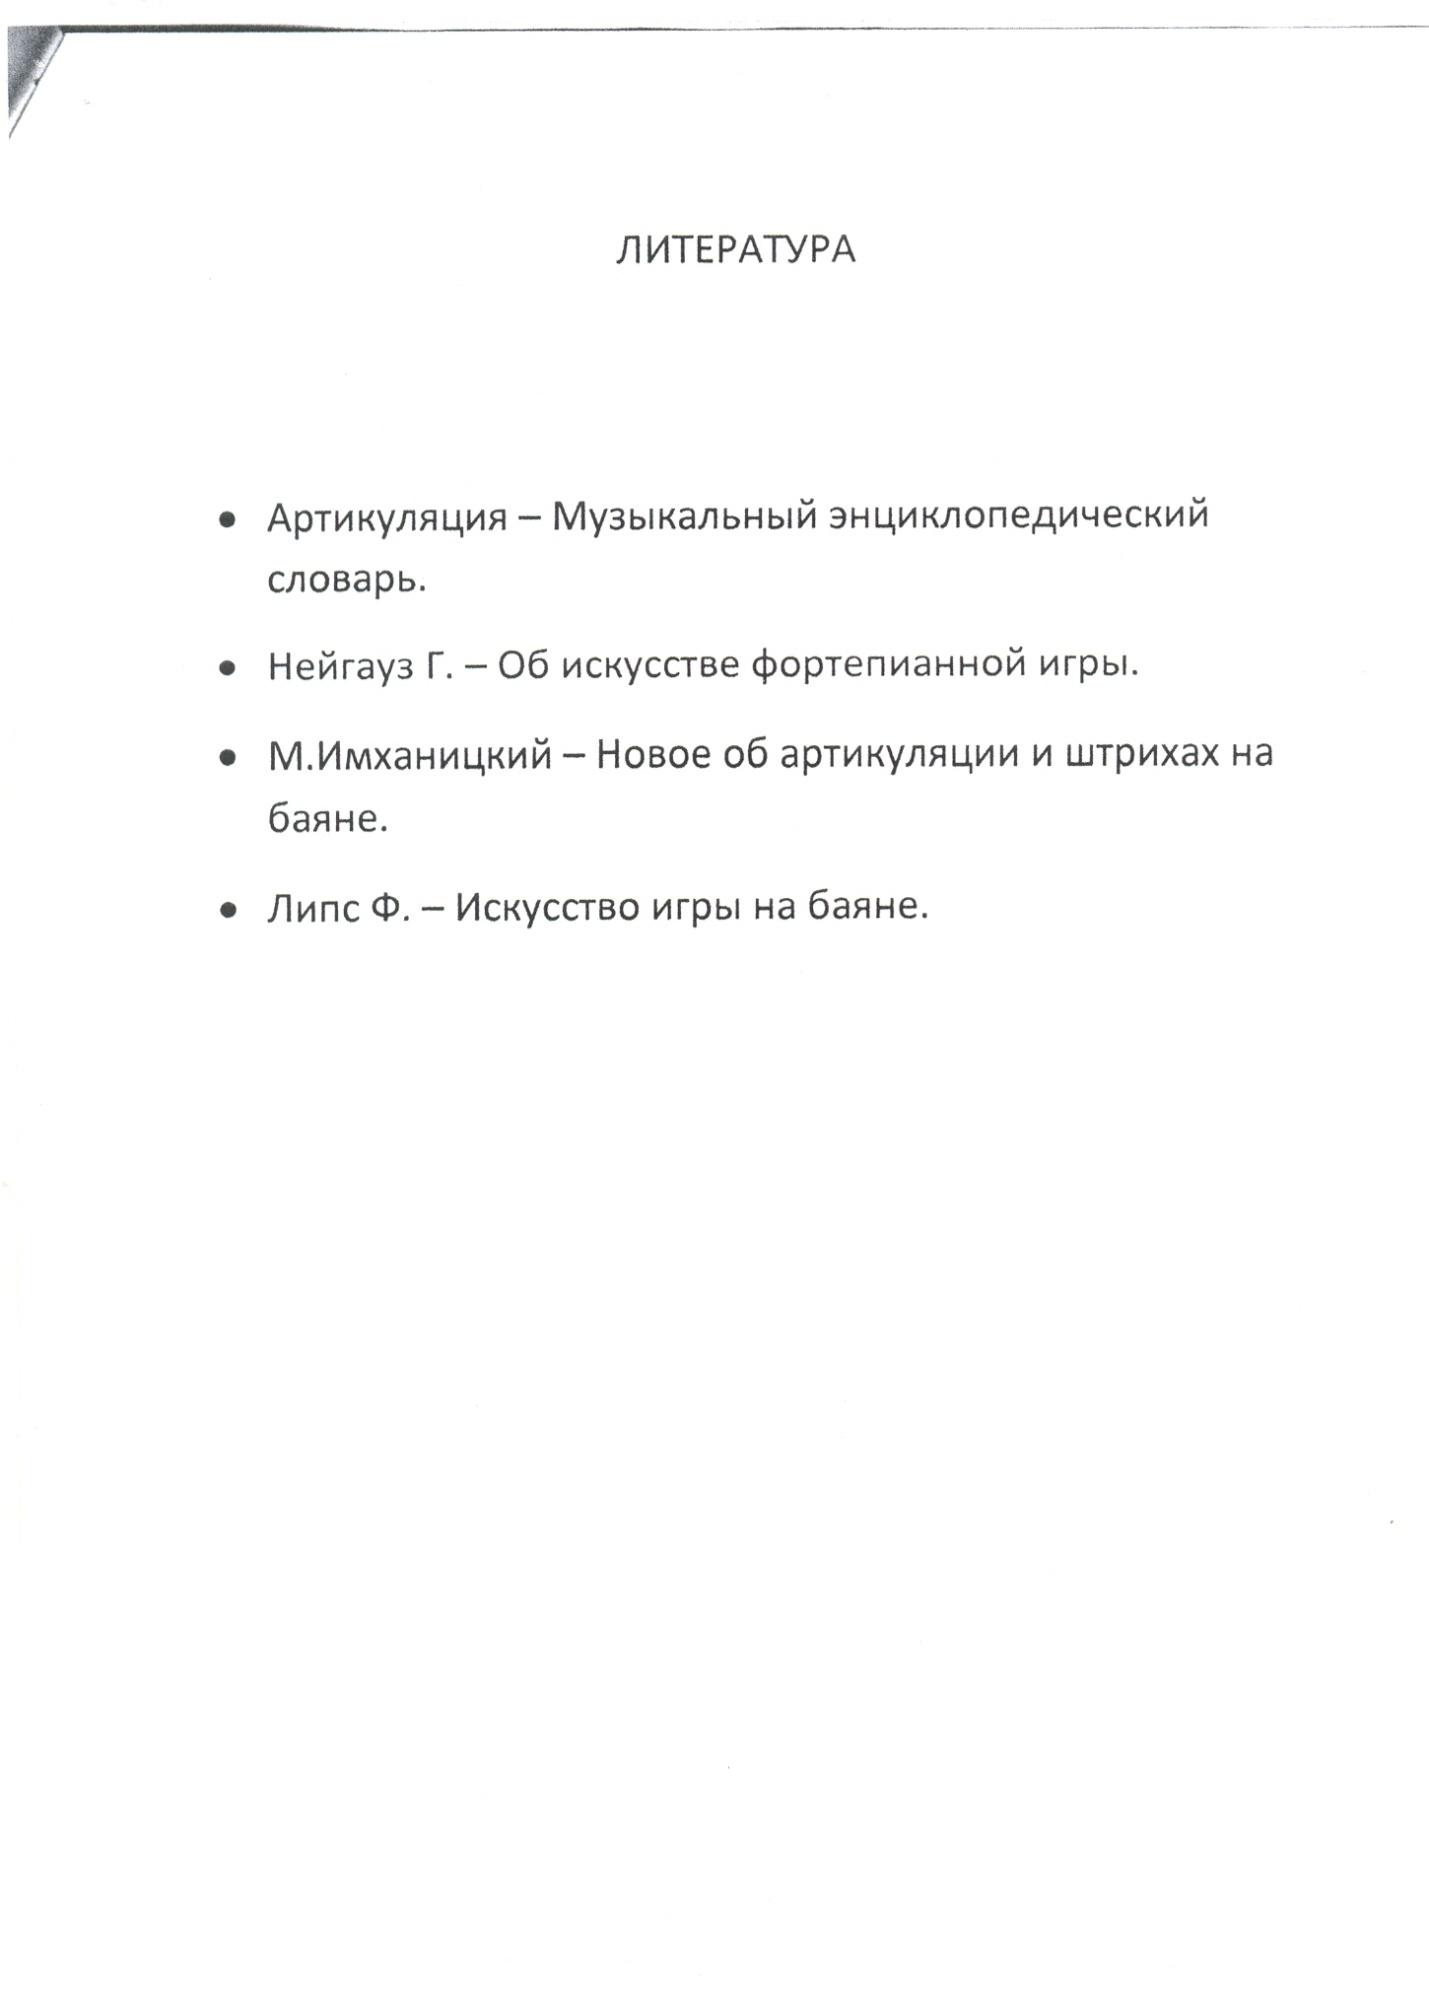 сканирование0011.jpg